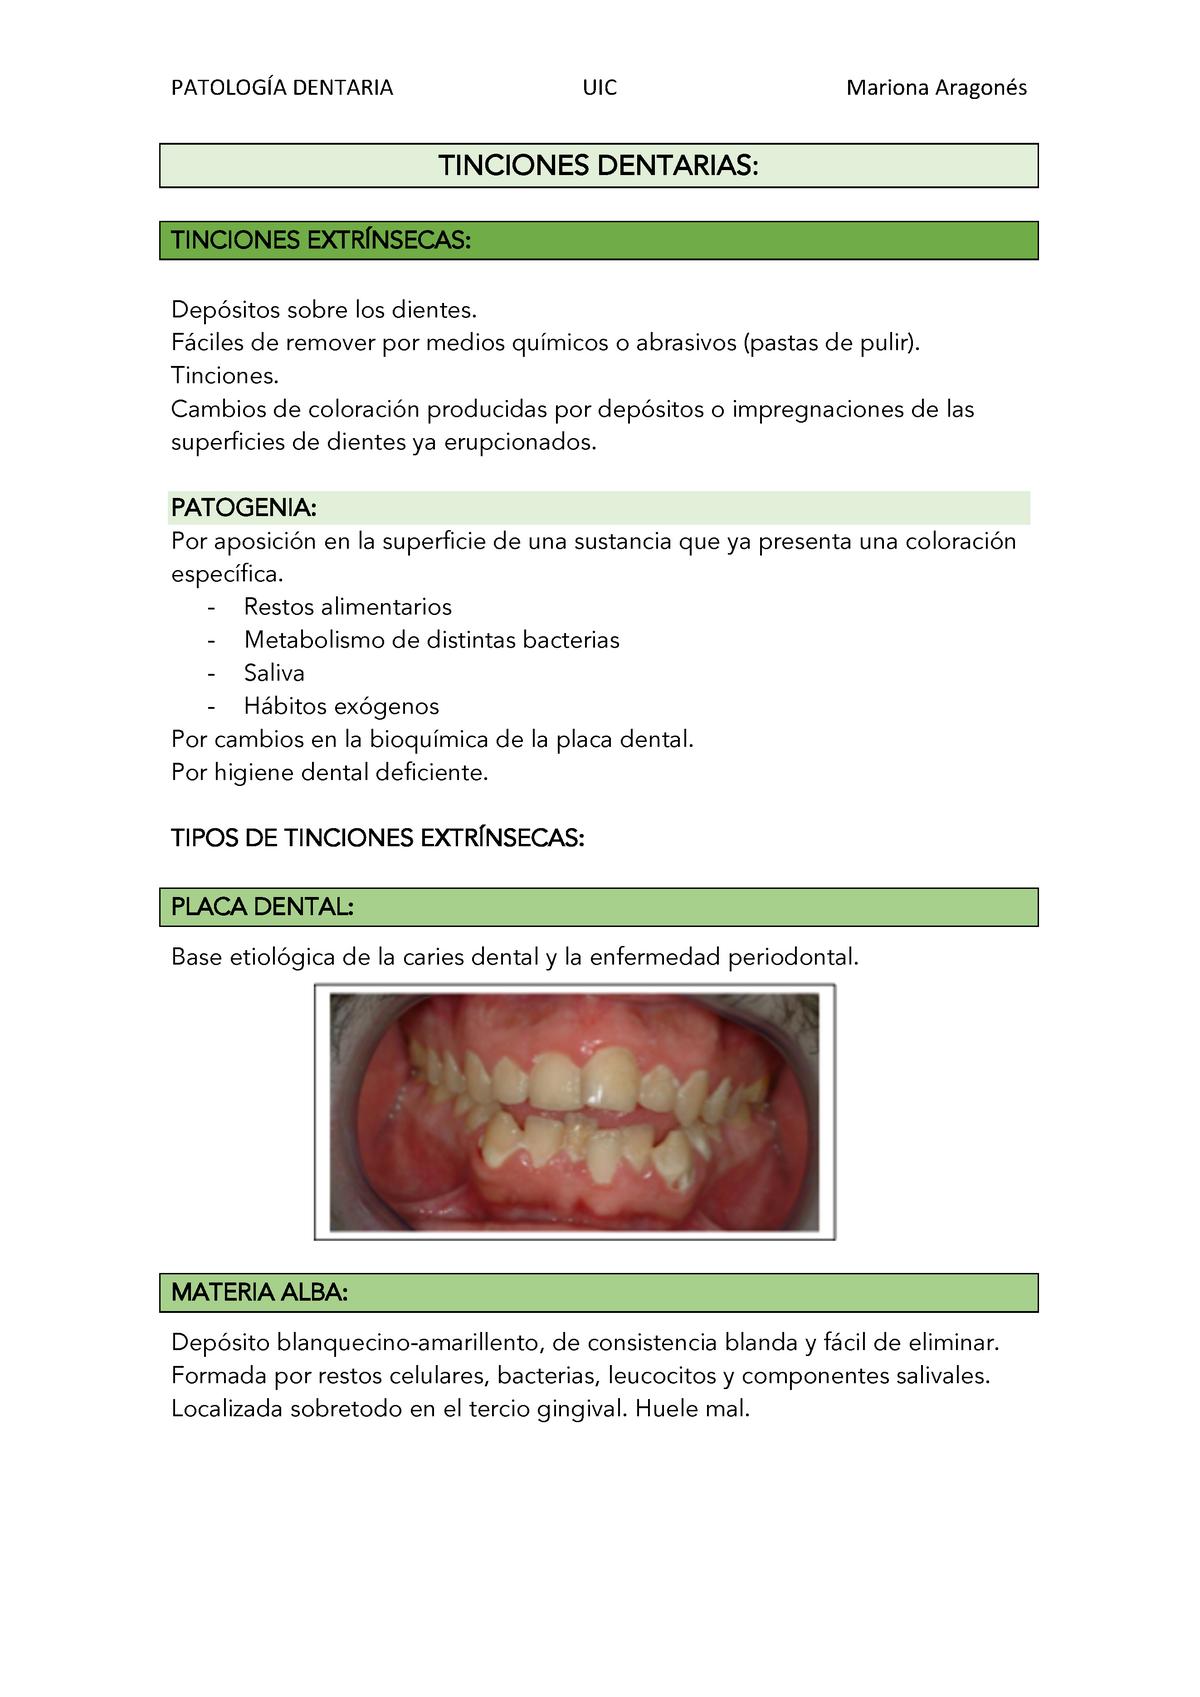 Tinciones dentarias - Patología Dentaria - UIC Barcelona